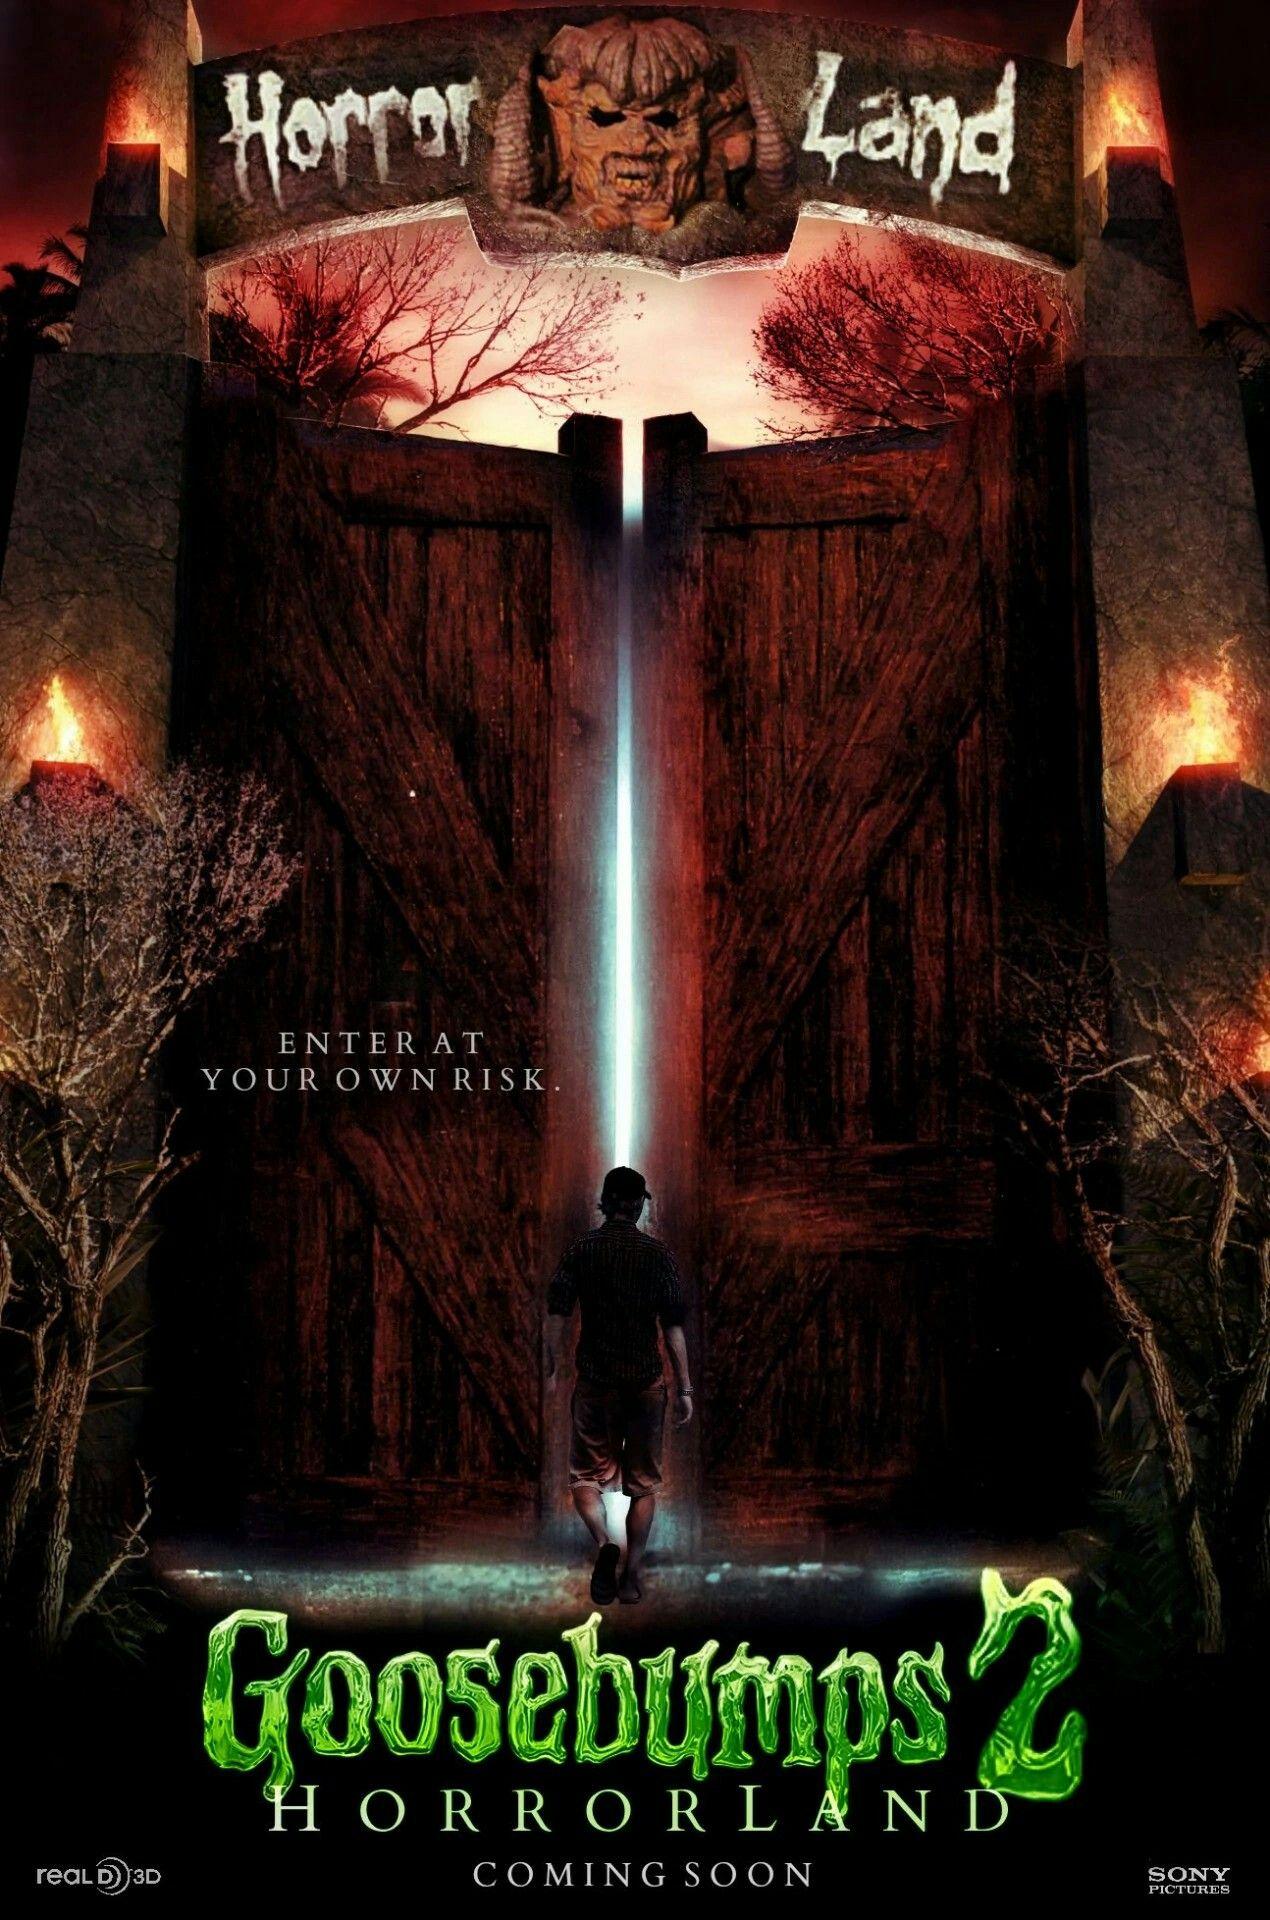 Goosebumps 2 Horrorland movie poster Halloween full